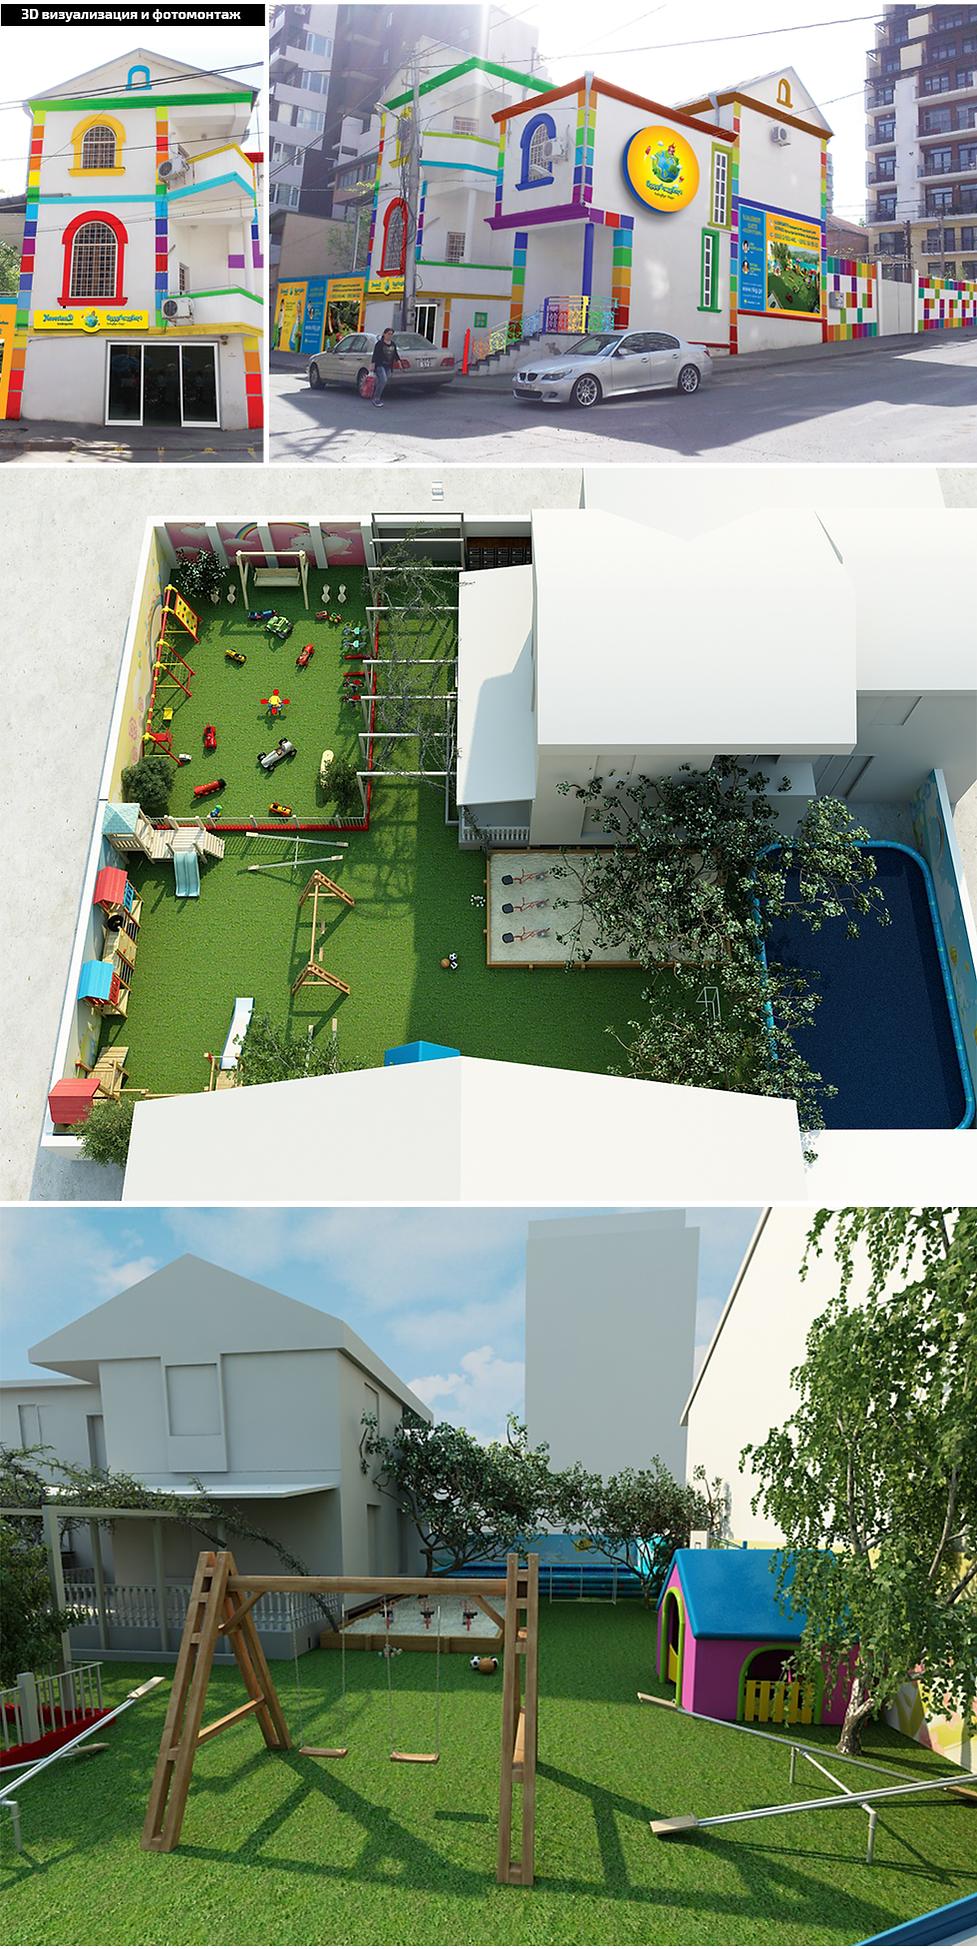 საბავშვო ბაღის პროექტირება neverland